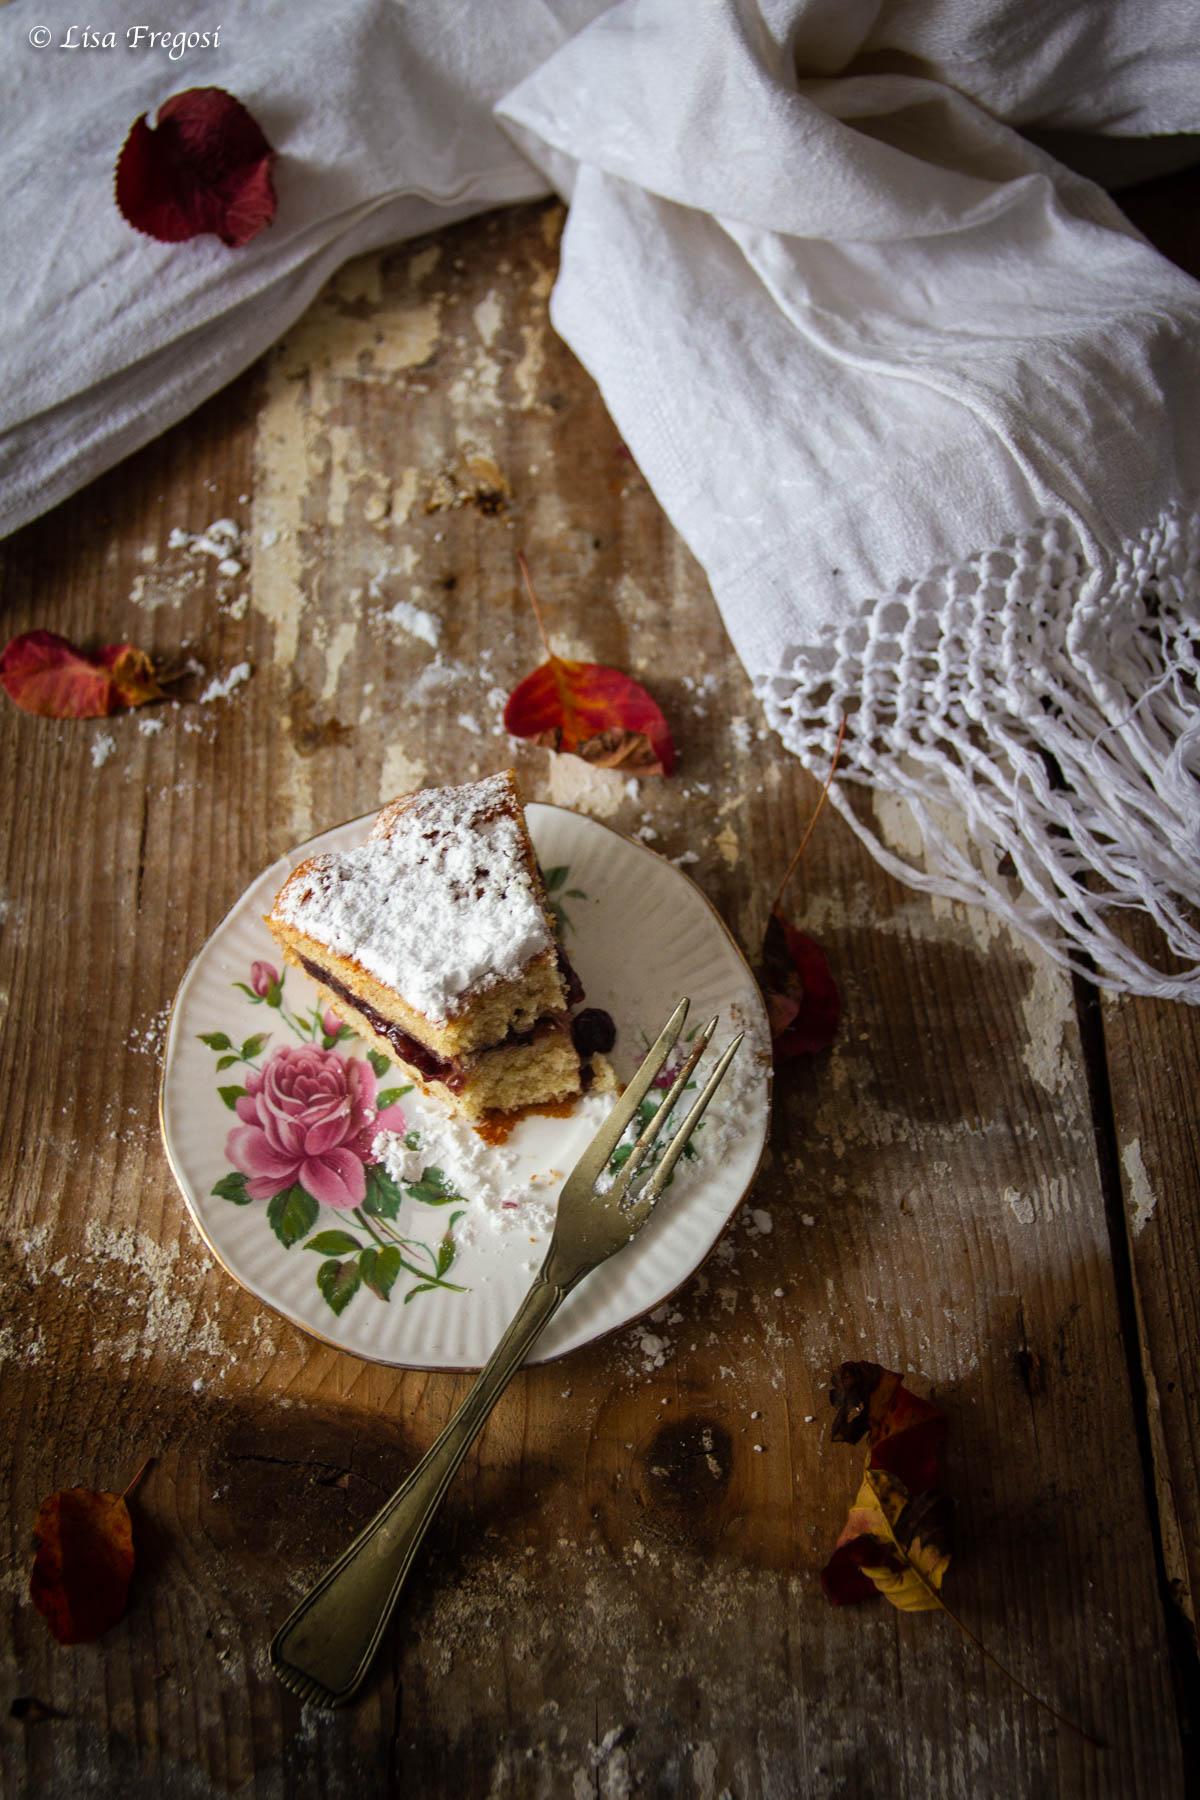 come fare la torta versata con ripieno che non scende